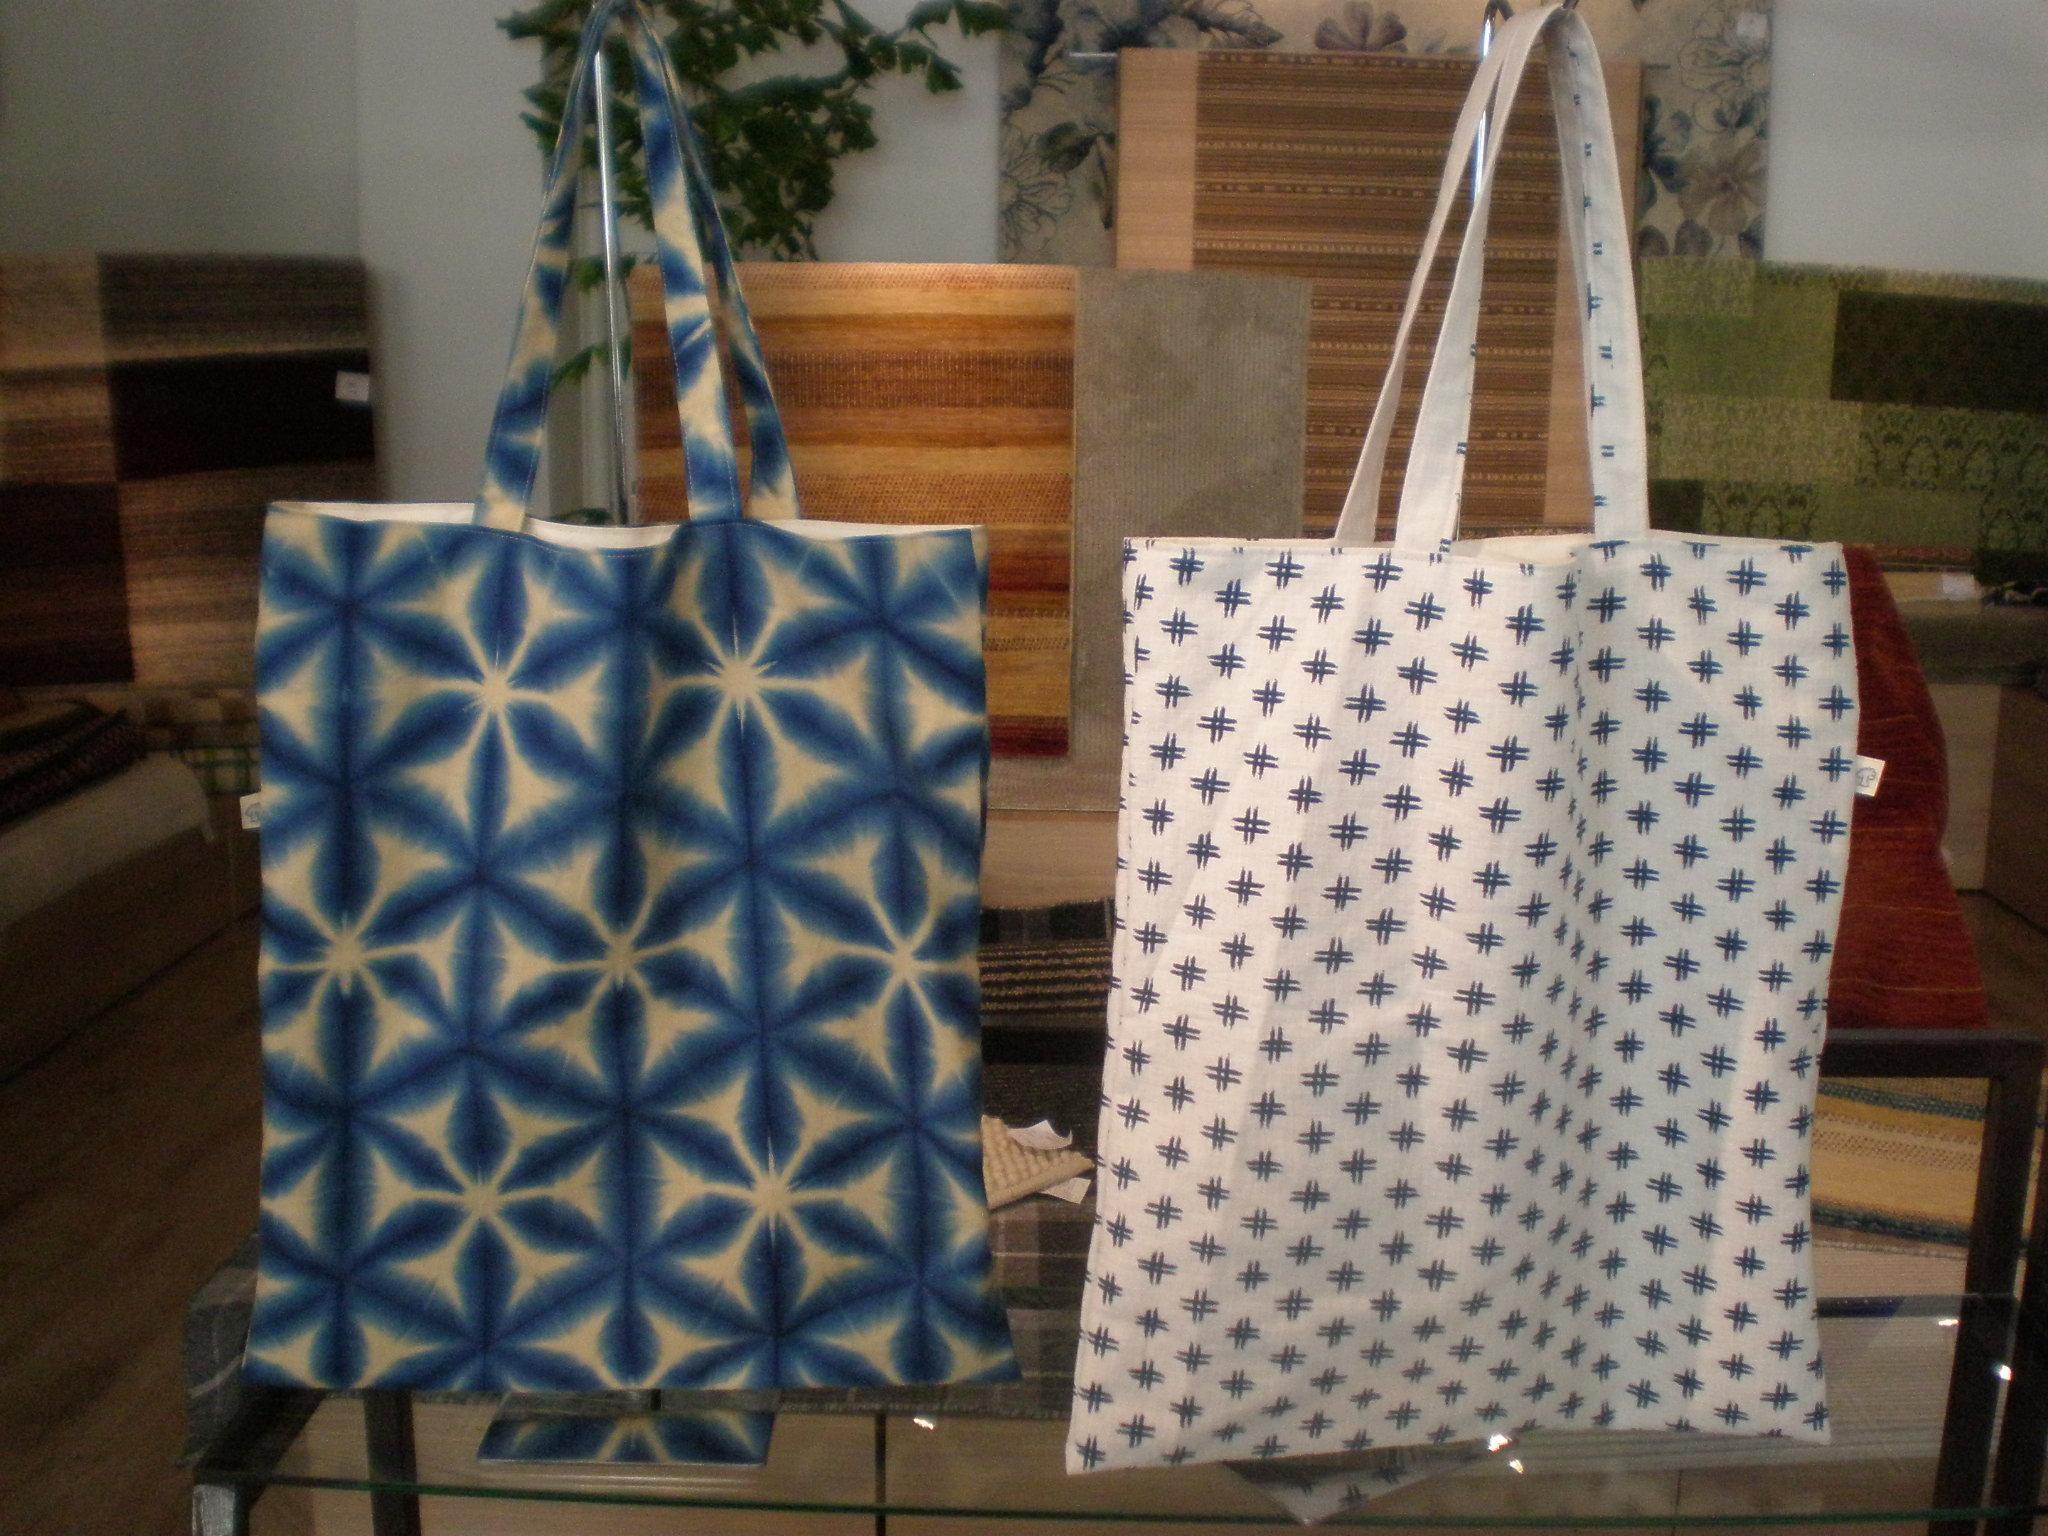 雪花絞りの布で作った袋と小紋で作った袋